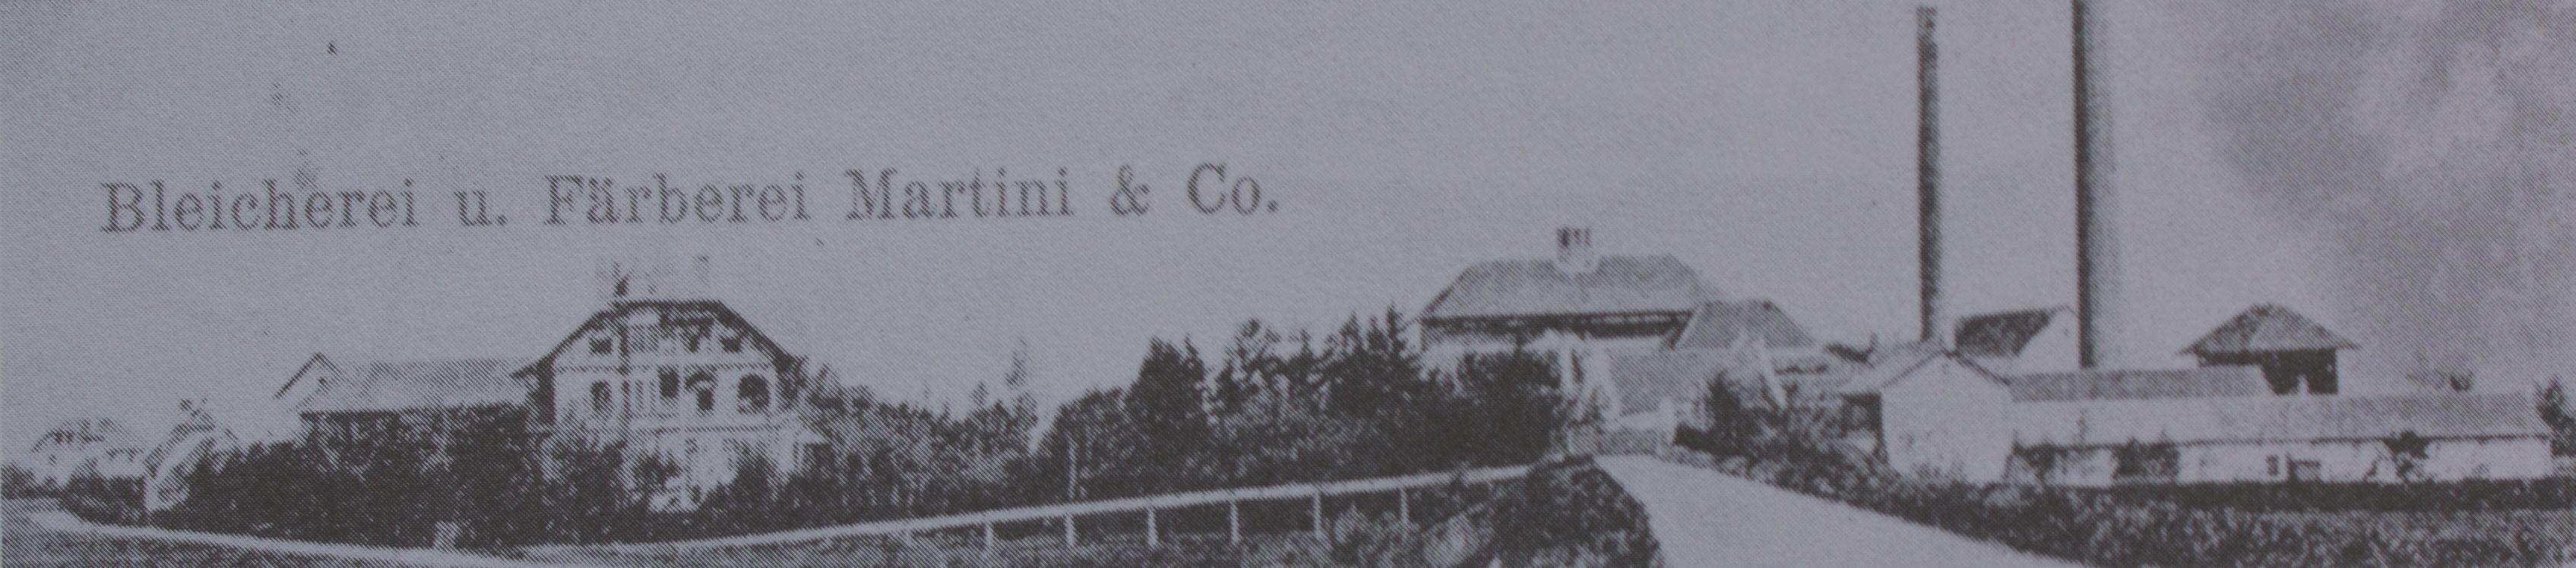 Bleicherei und Färberei Martini.jpg